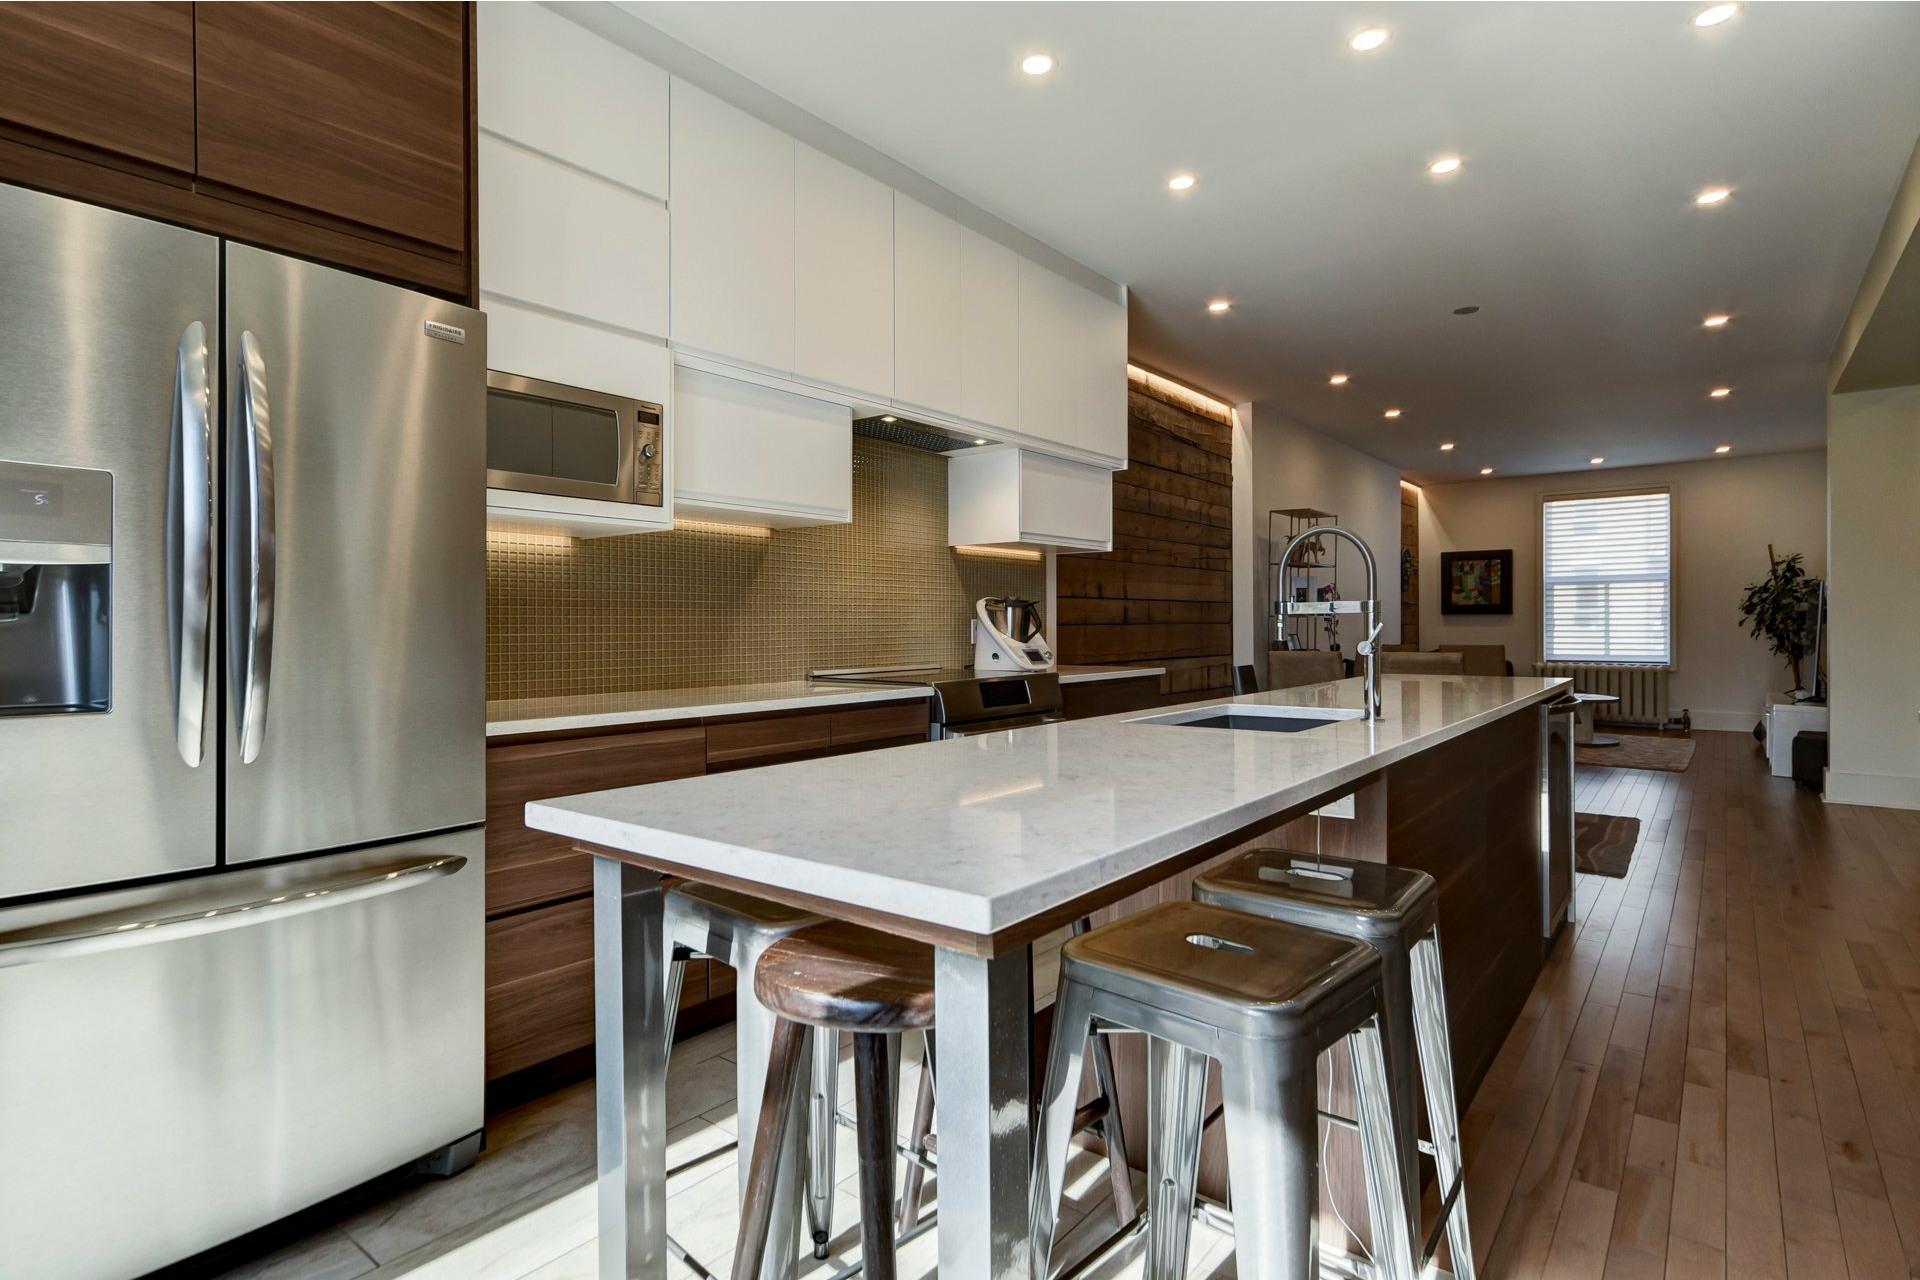 image 10 - Appartement À louer Côte-des-Neiges/Notre-Dame-de-Grâce Montréal  - 10 pièces